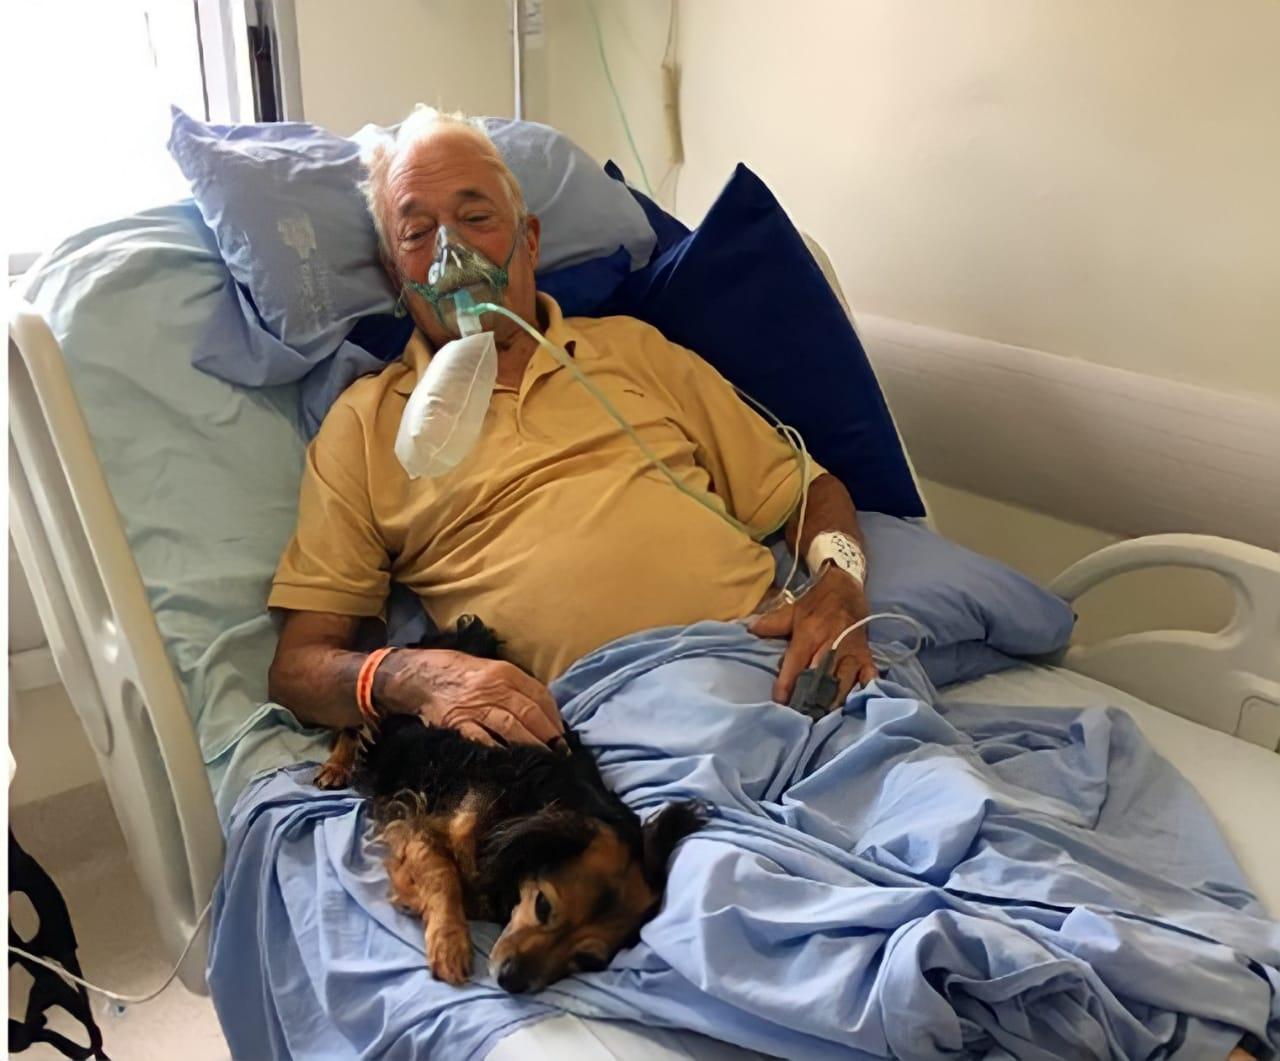 Idoso de 92 anos com Covid-19 recebe visita de cachorrinha no hospital antes de morrer